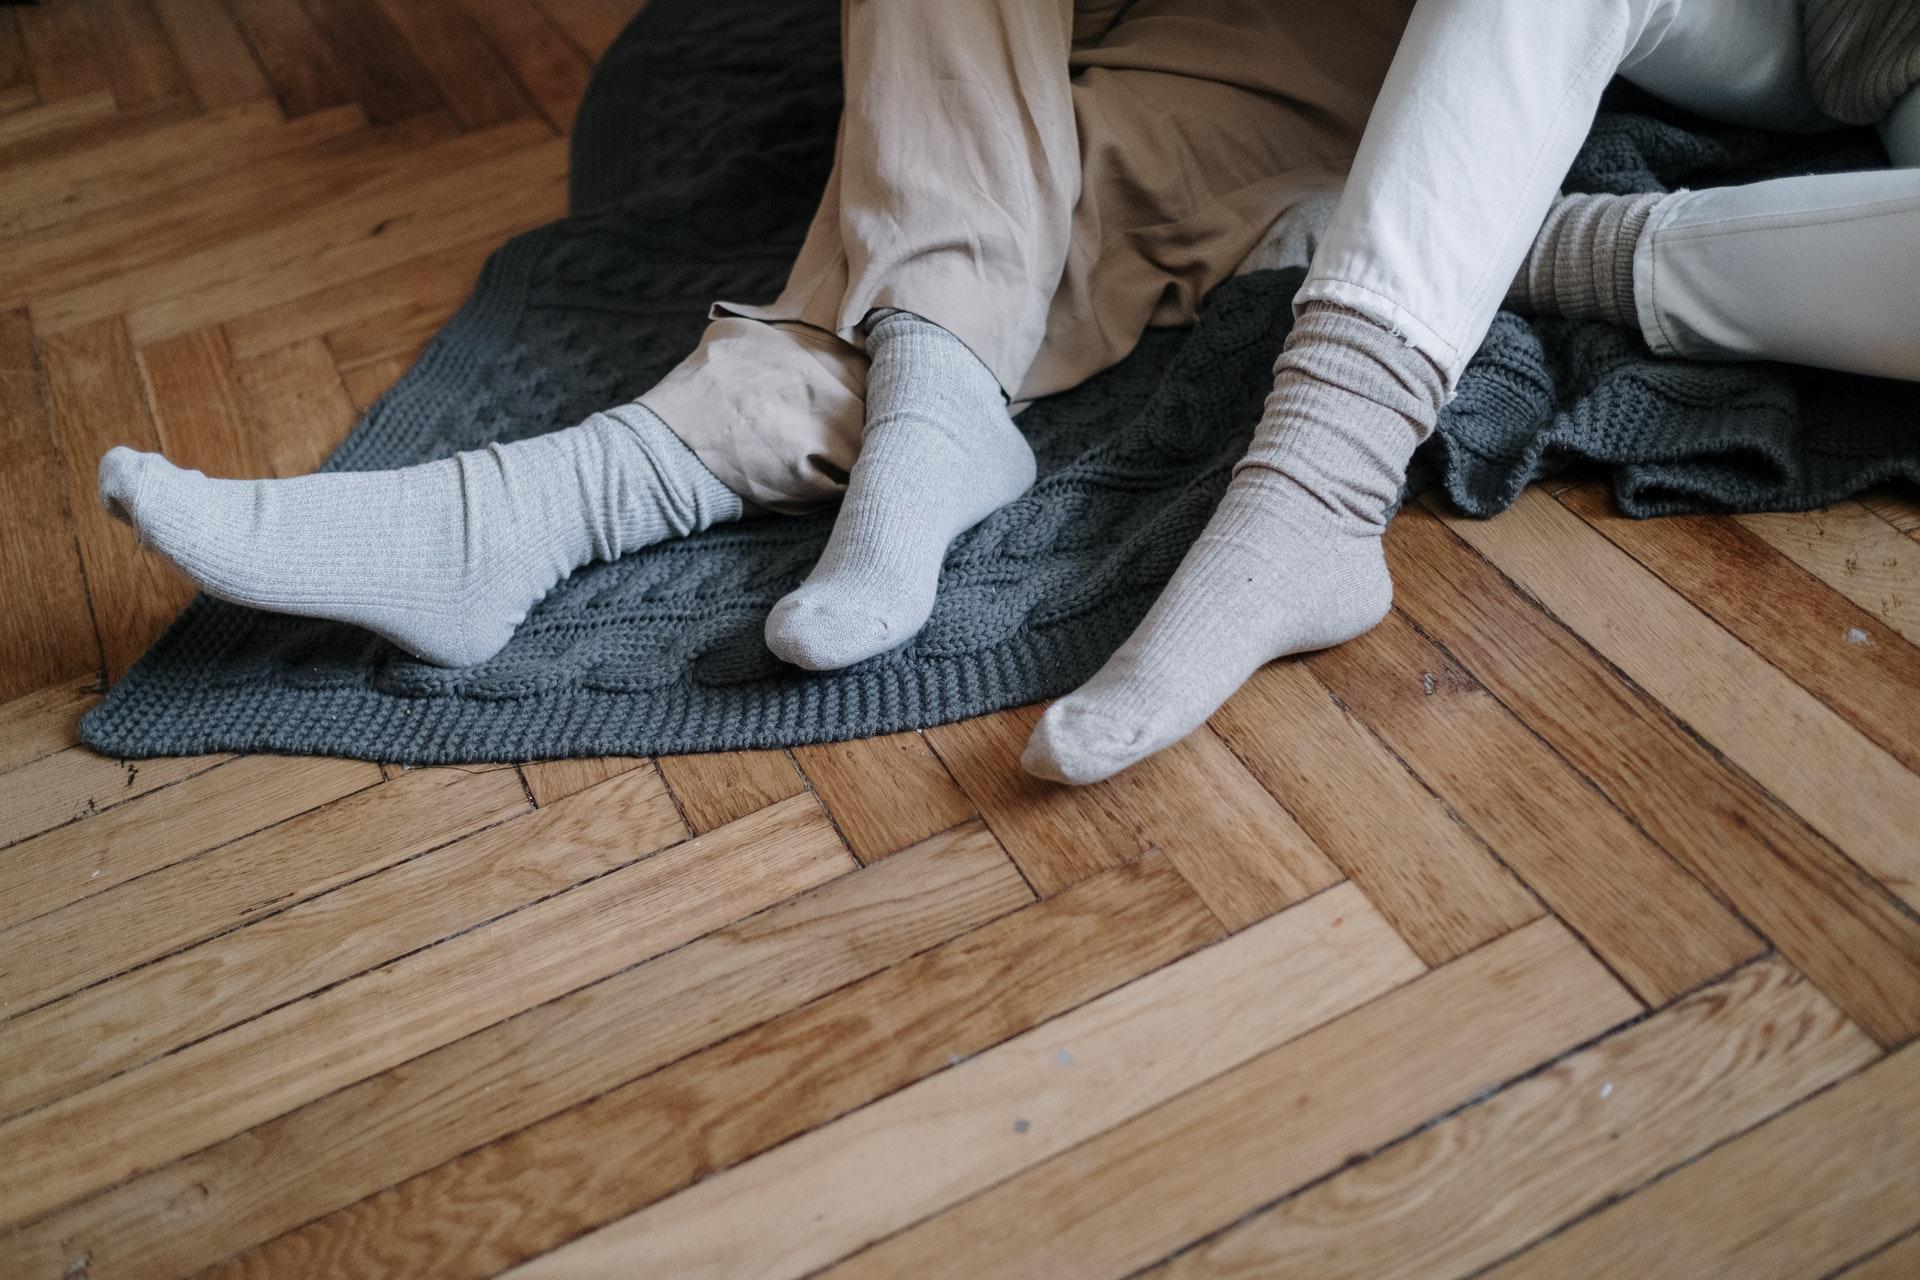 オーガニックの靴下を履いた人たち